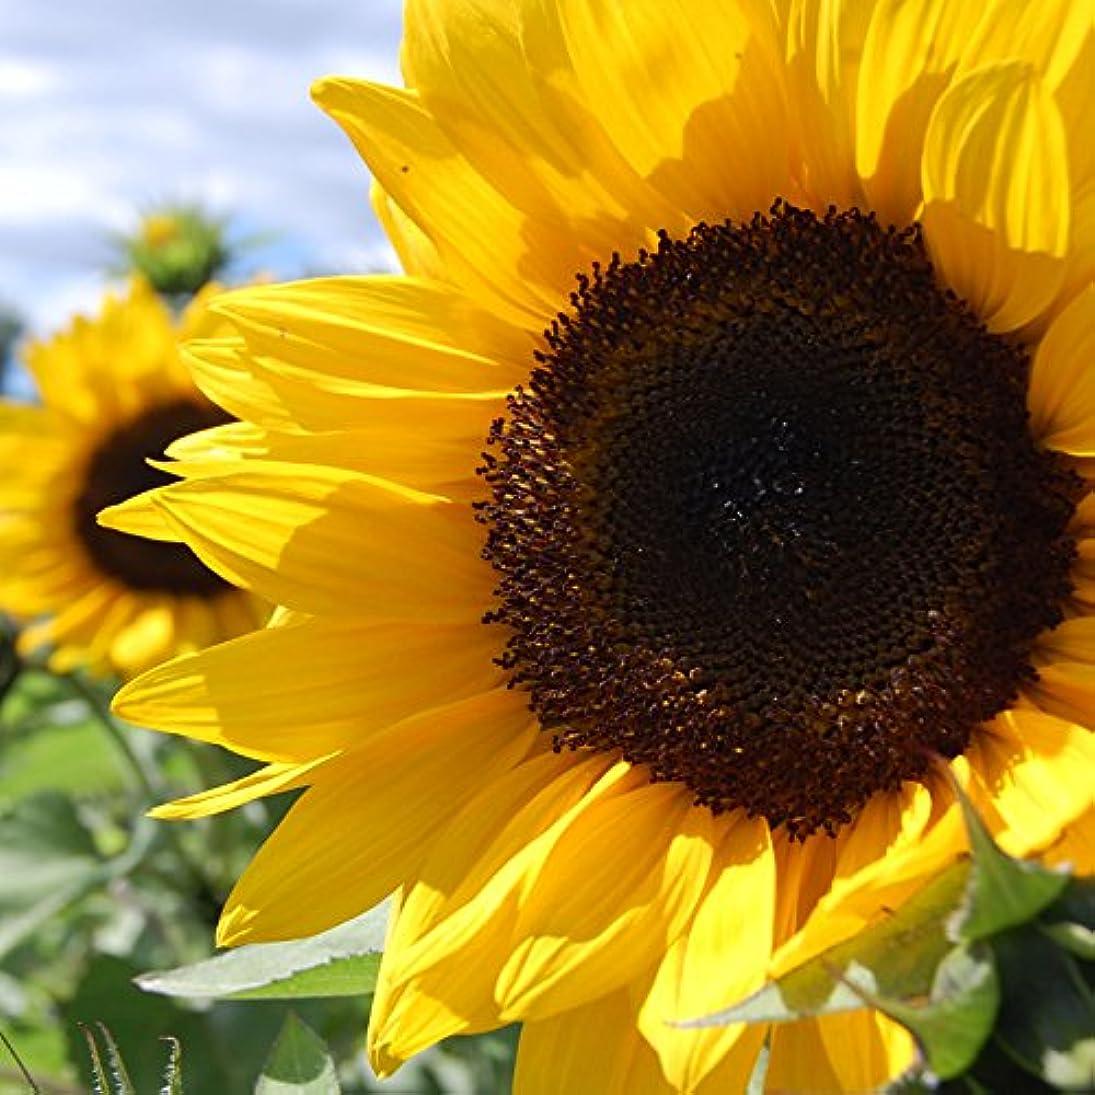 ボトルネック検出可能行為アロマフレグランスオイル ひまわり(Sunflower)